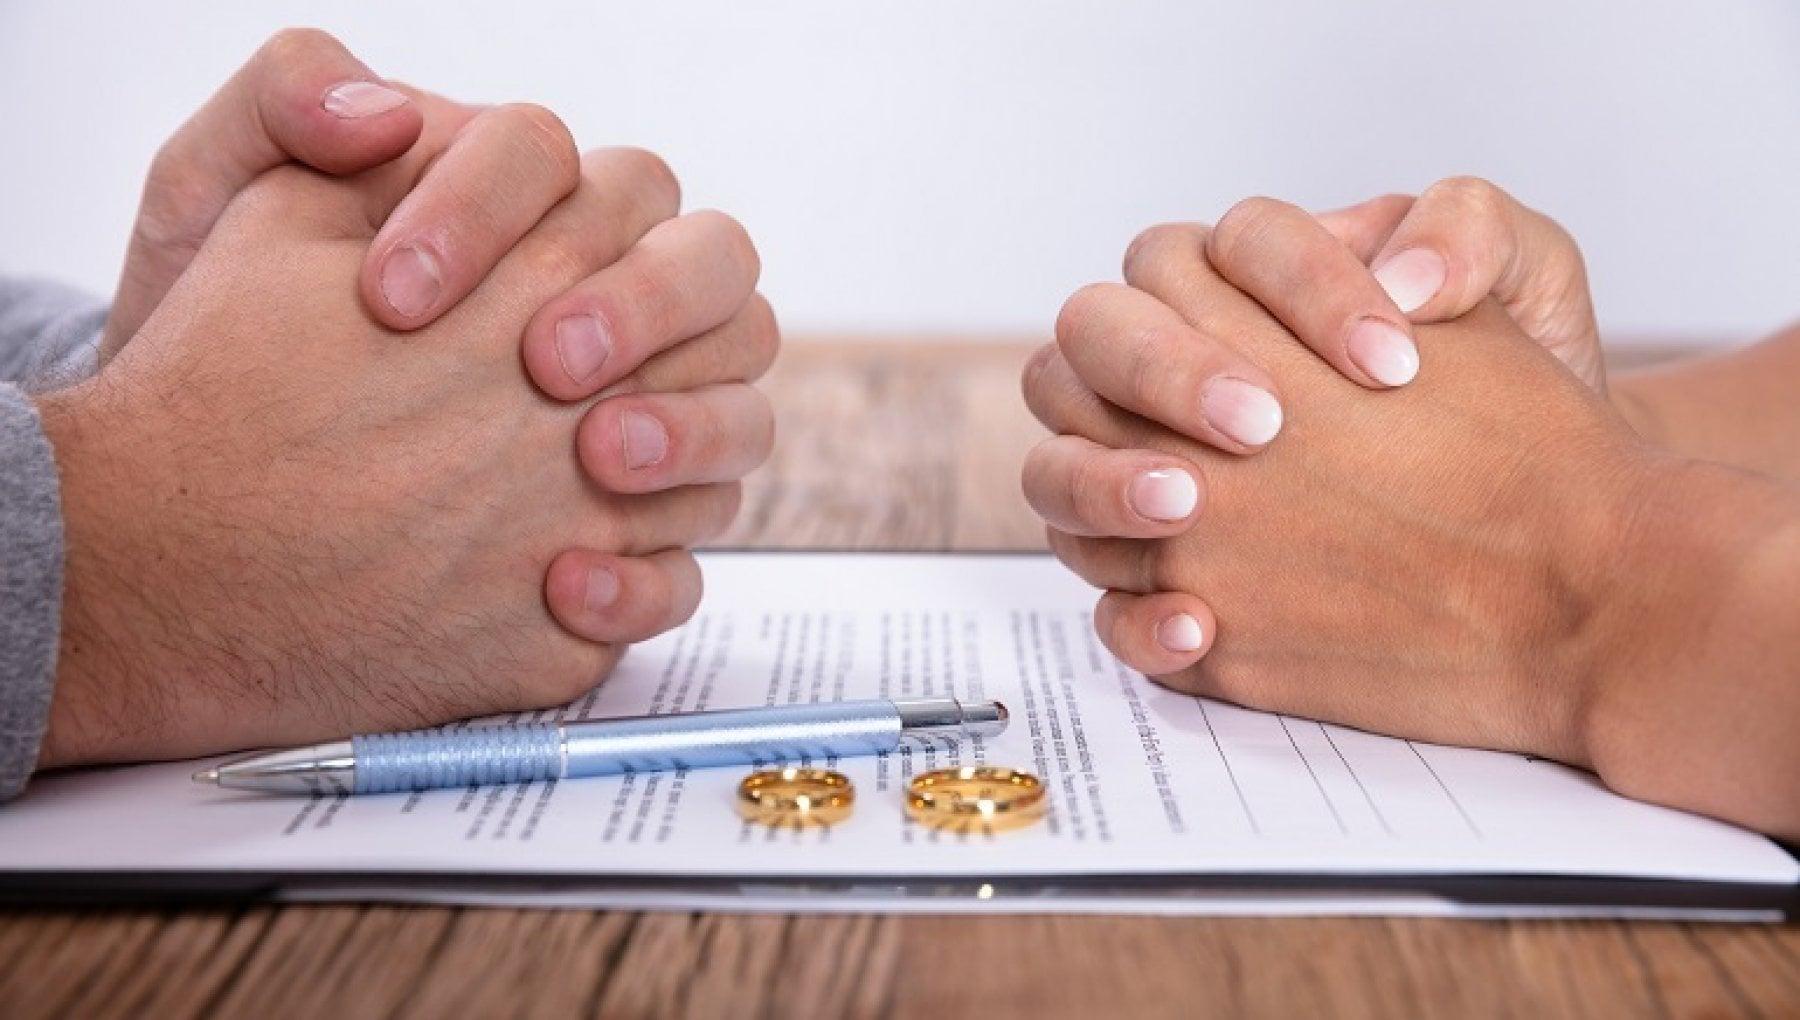 """182025686 08eb9215 a763 469f b7a1 da3a2ebf1b6f - La Cassazione: """"Senza intesa sessuale e spirituale il divorzio non può essere revocato"""""""